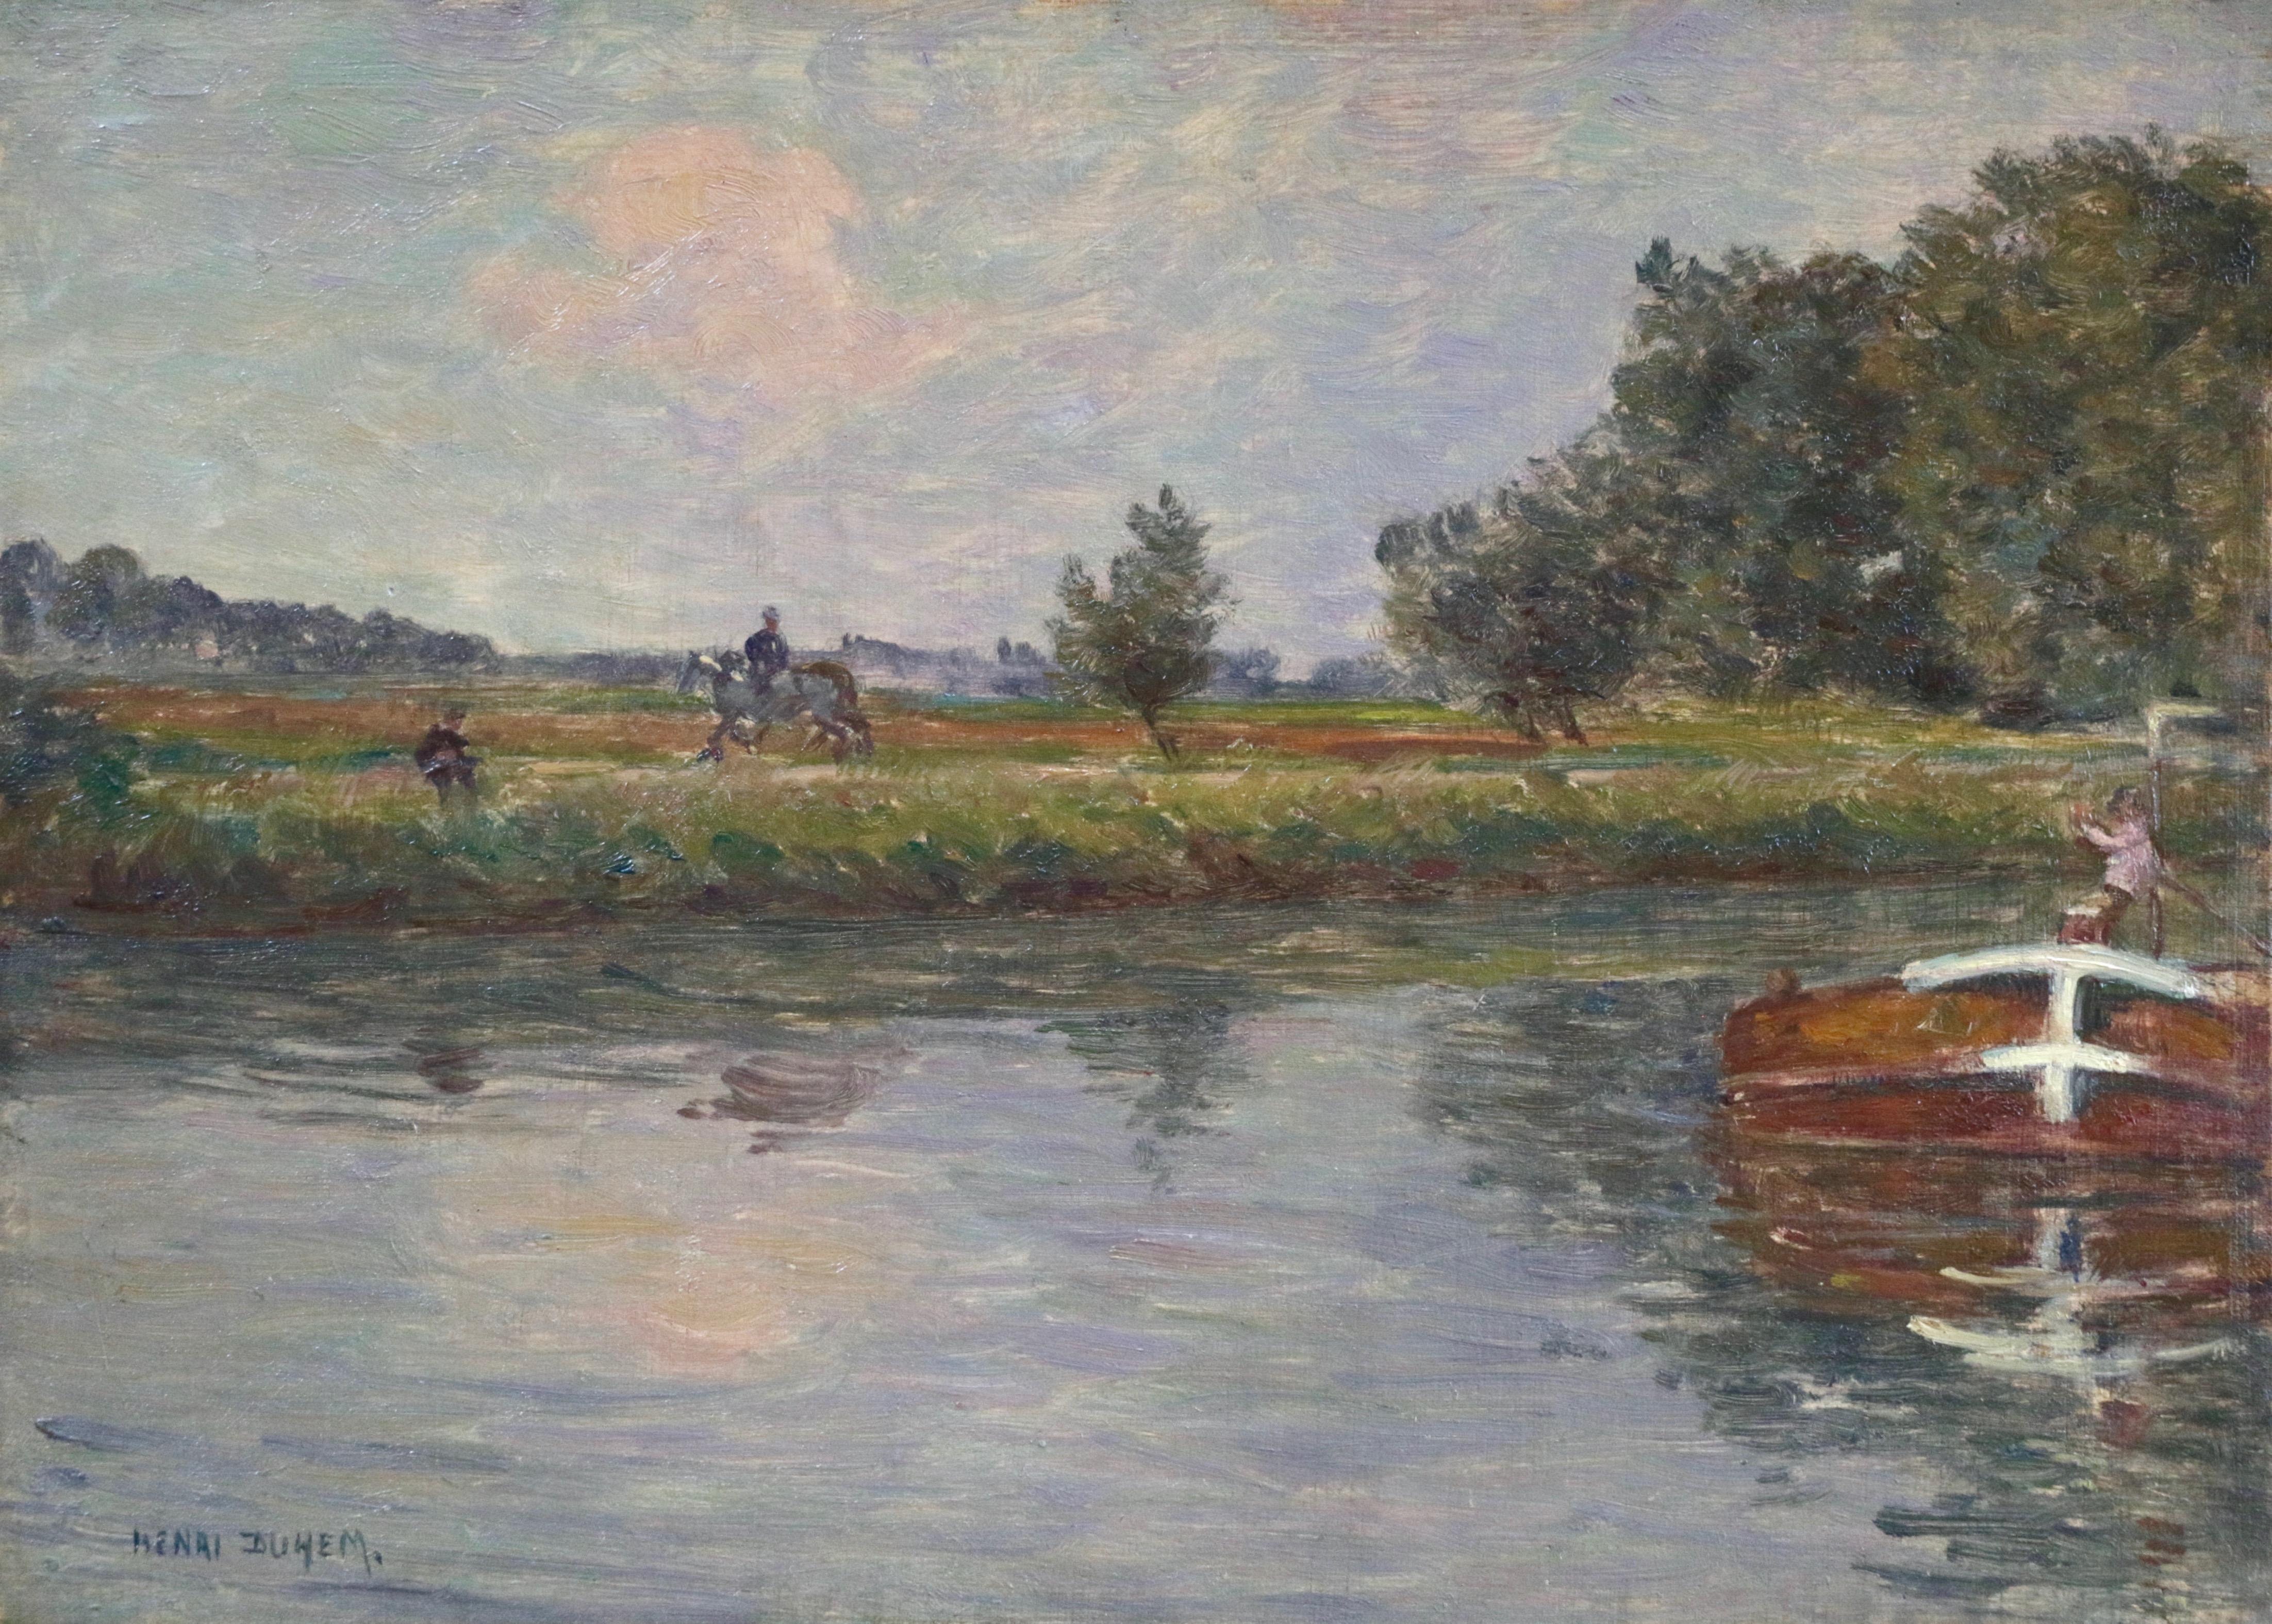 La Rivière - 19th Century Oil, Figures & Boat River in Landscape by Henri Duhem